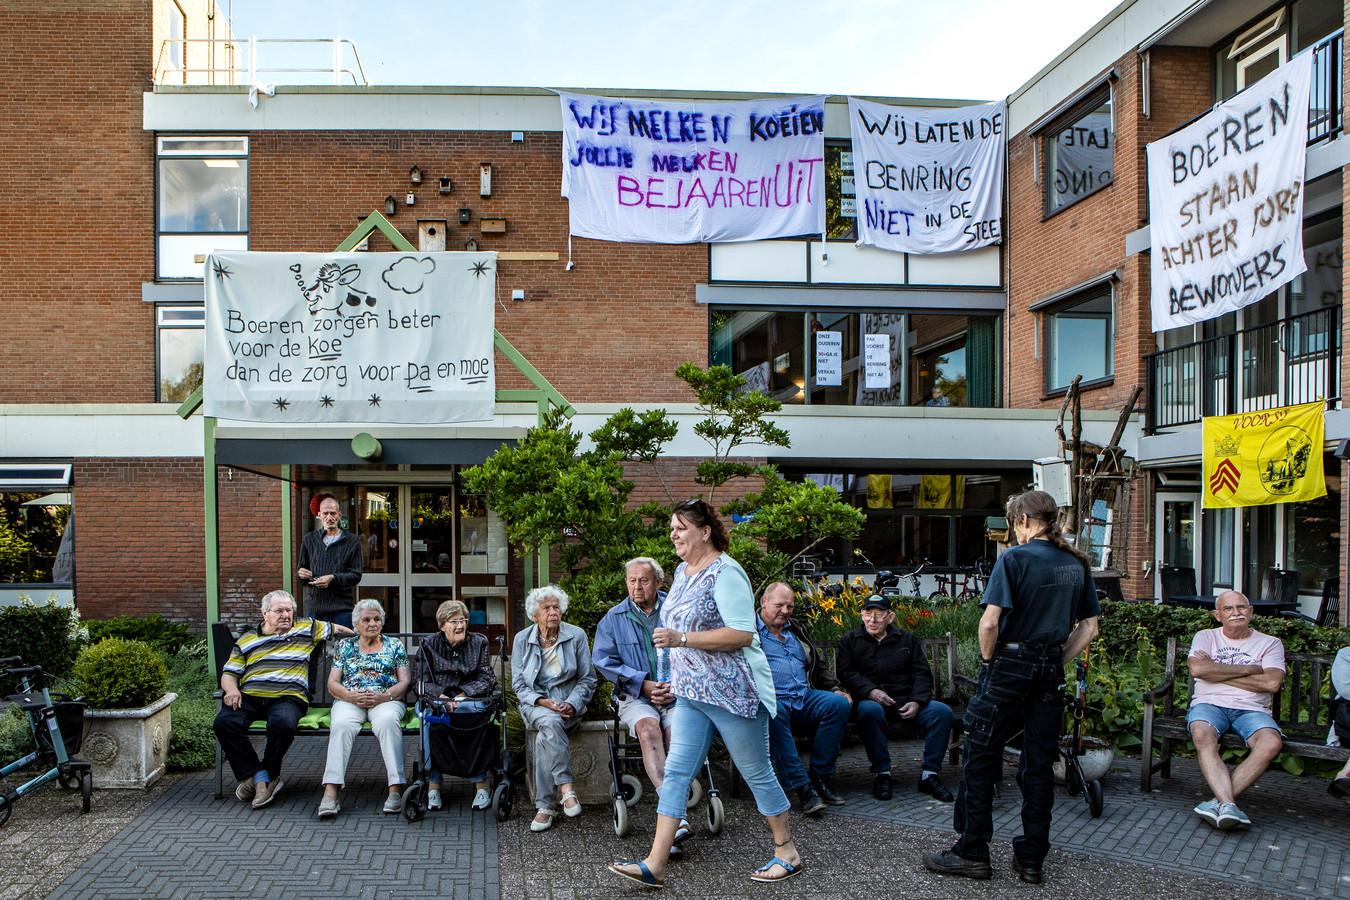 Een archieffoto van demonstrerende bewoners in Voorst tegen de verhuizing van zes dementerende hoogbejaarde bewoners van woon-zorgcentrum De Benring.